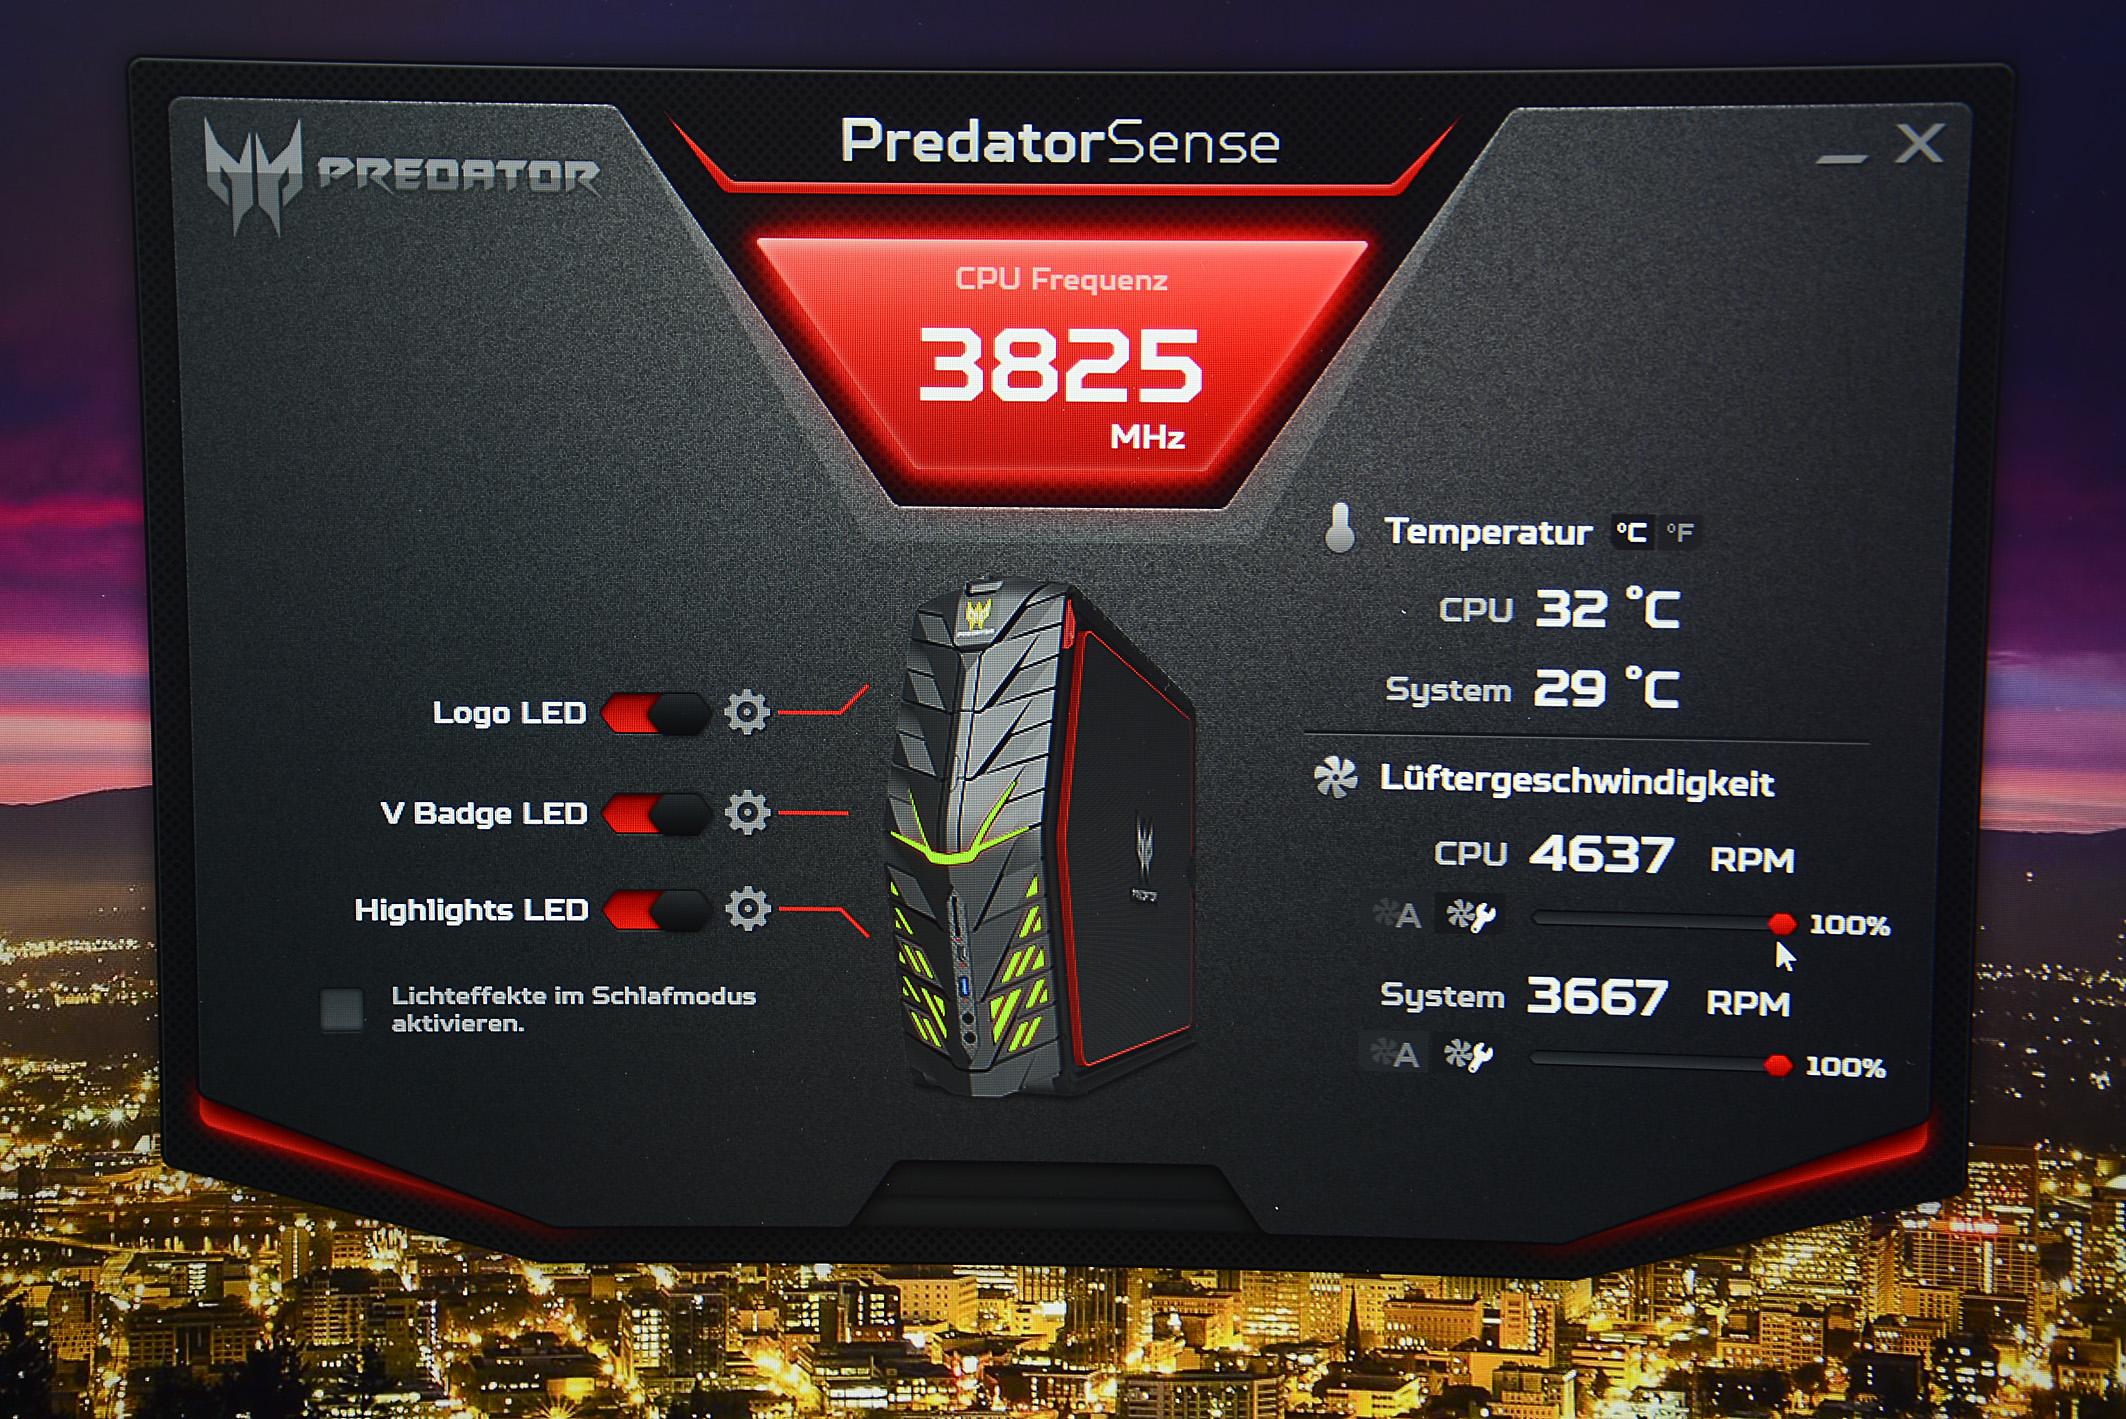 Während der G1 in der Grundeinstellung angenehm leise daherkommt, wird der Lüfter hörbar lauter, sobald die CPU-Frequenz händisch vom Nutzer hochgedreht wird. Nützlich finde ich die Temperaturanzeigen der CPU und des Systems, weil auf einen Blick ersichtlich ist, was der Rechner gerade leistet. Ebenfalls finde ich gut, dass die LED-Beleuchtungen wahlweise ausgeschaltet werden können, falls das bunte Farbenspiel den Nutzer vom Spielgeschehen ablenken sollte.